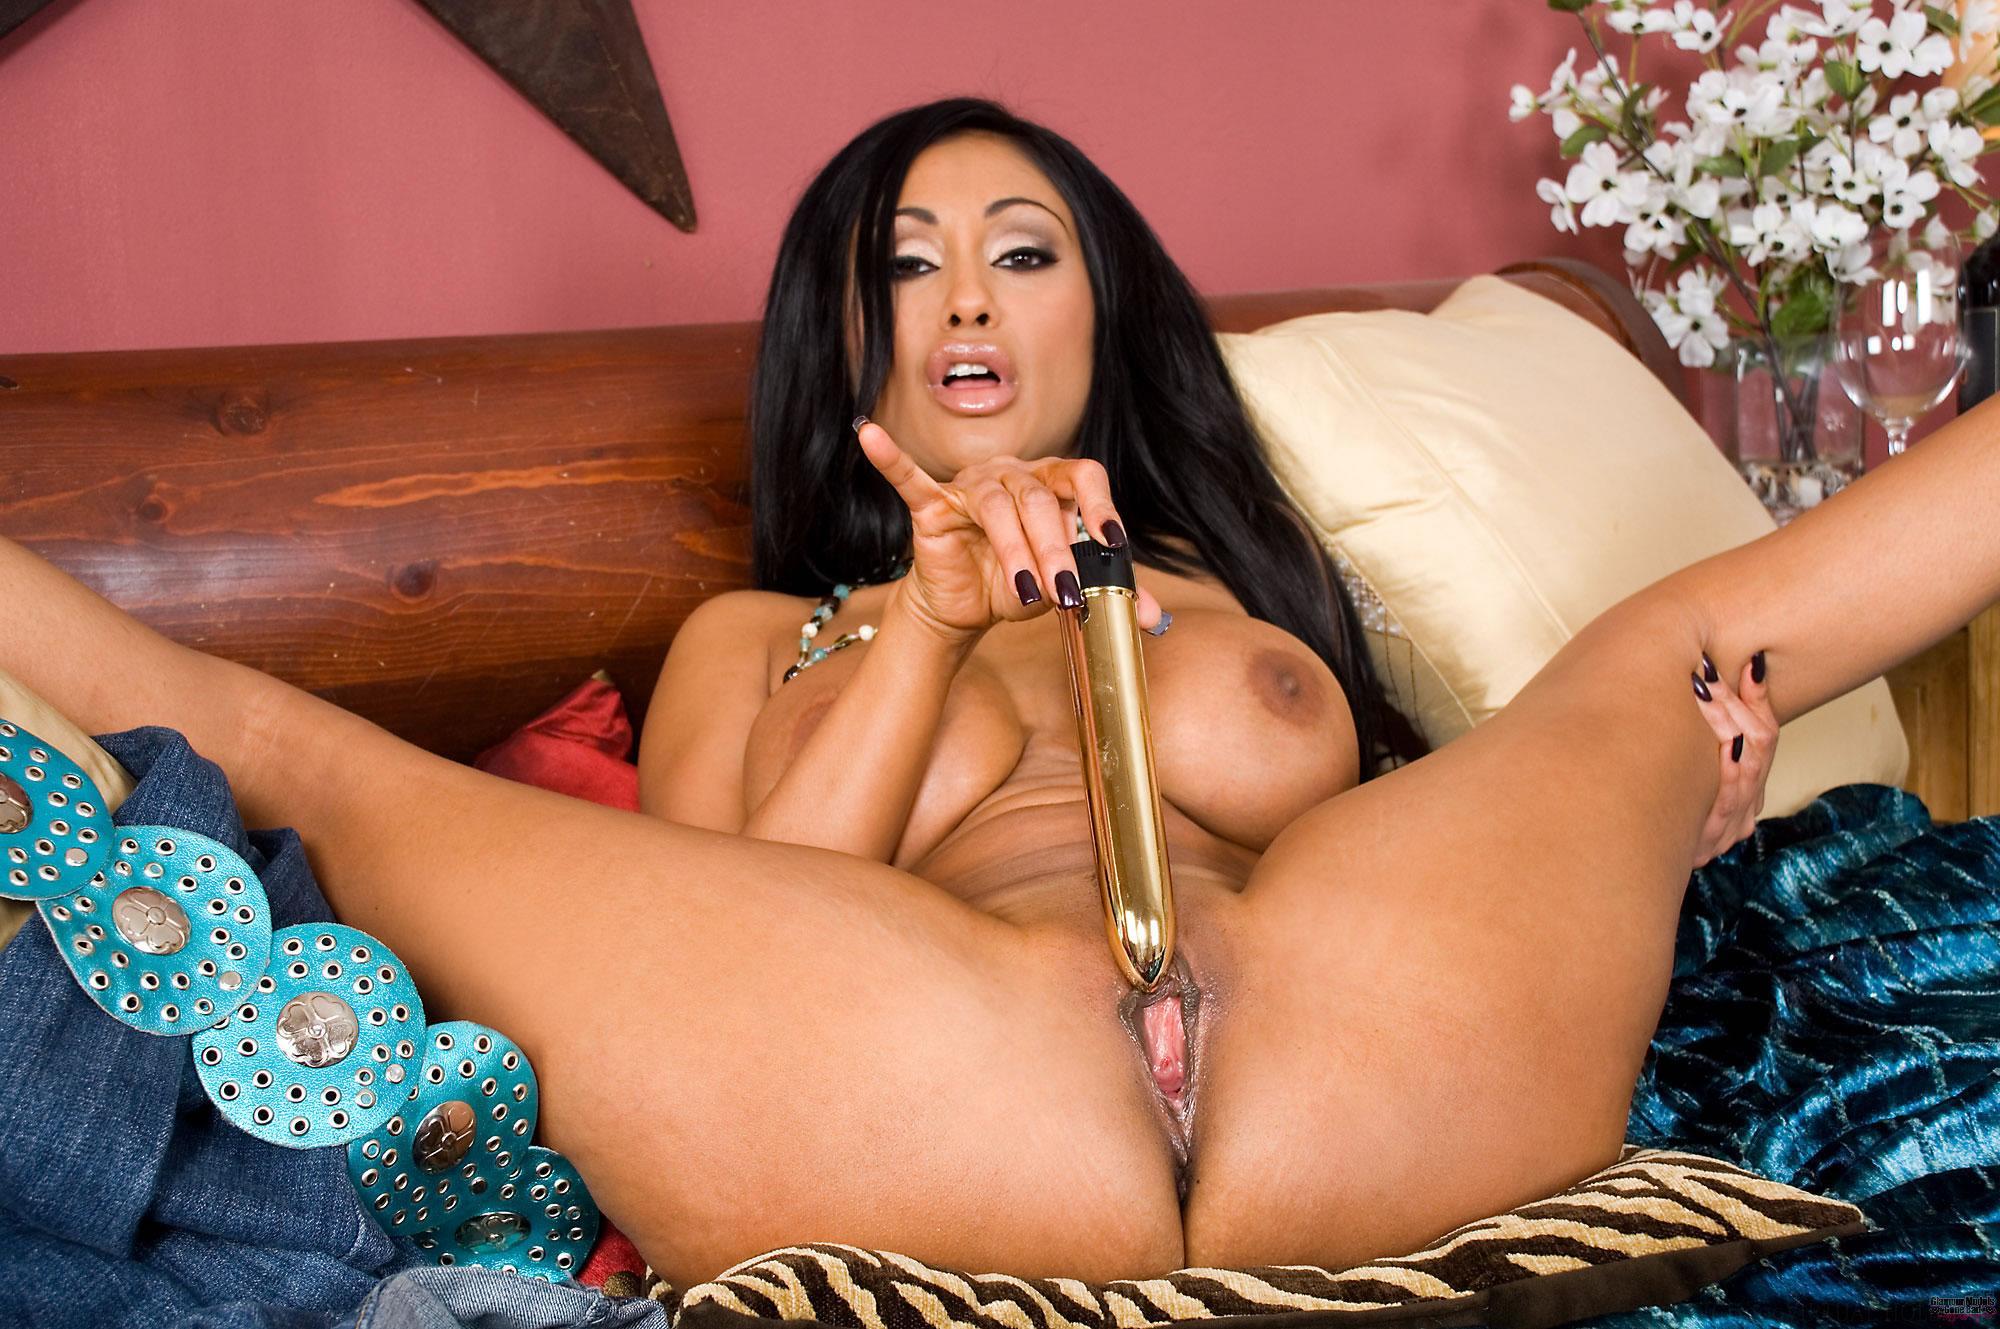 Смотреть порно бесплатно прия рай, Priya Anjali Rai - Смортреть порно с Priya Anjali Rai 21 фотография